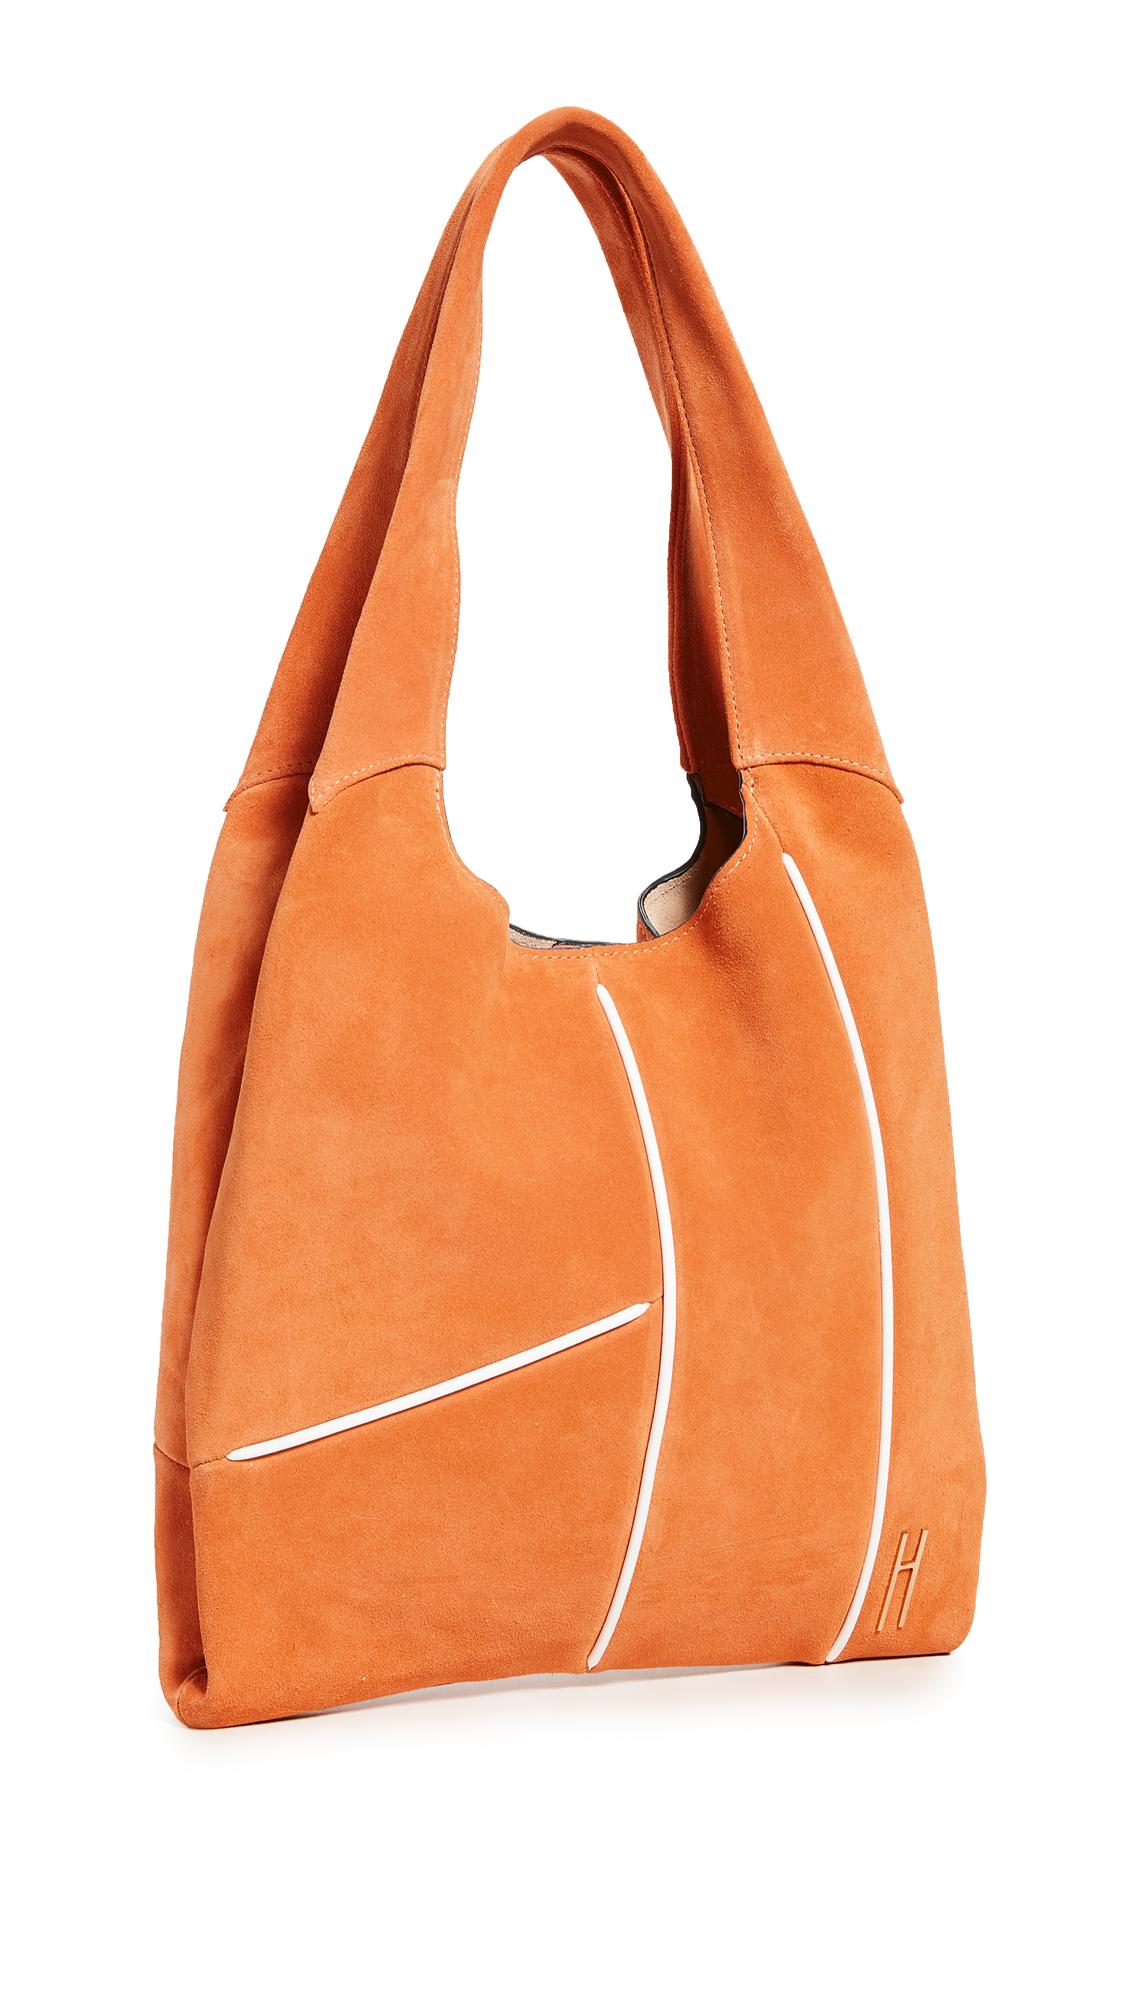 Hayward Bags MEDIUM GRAND SHOPPER BAG